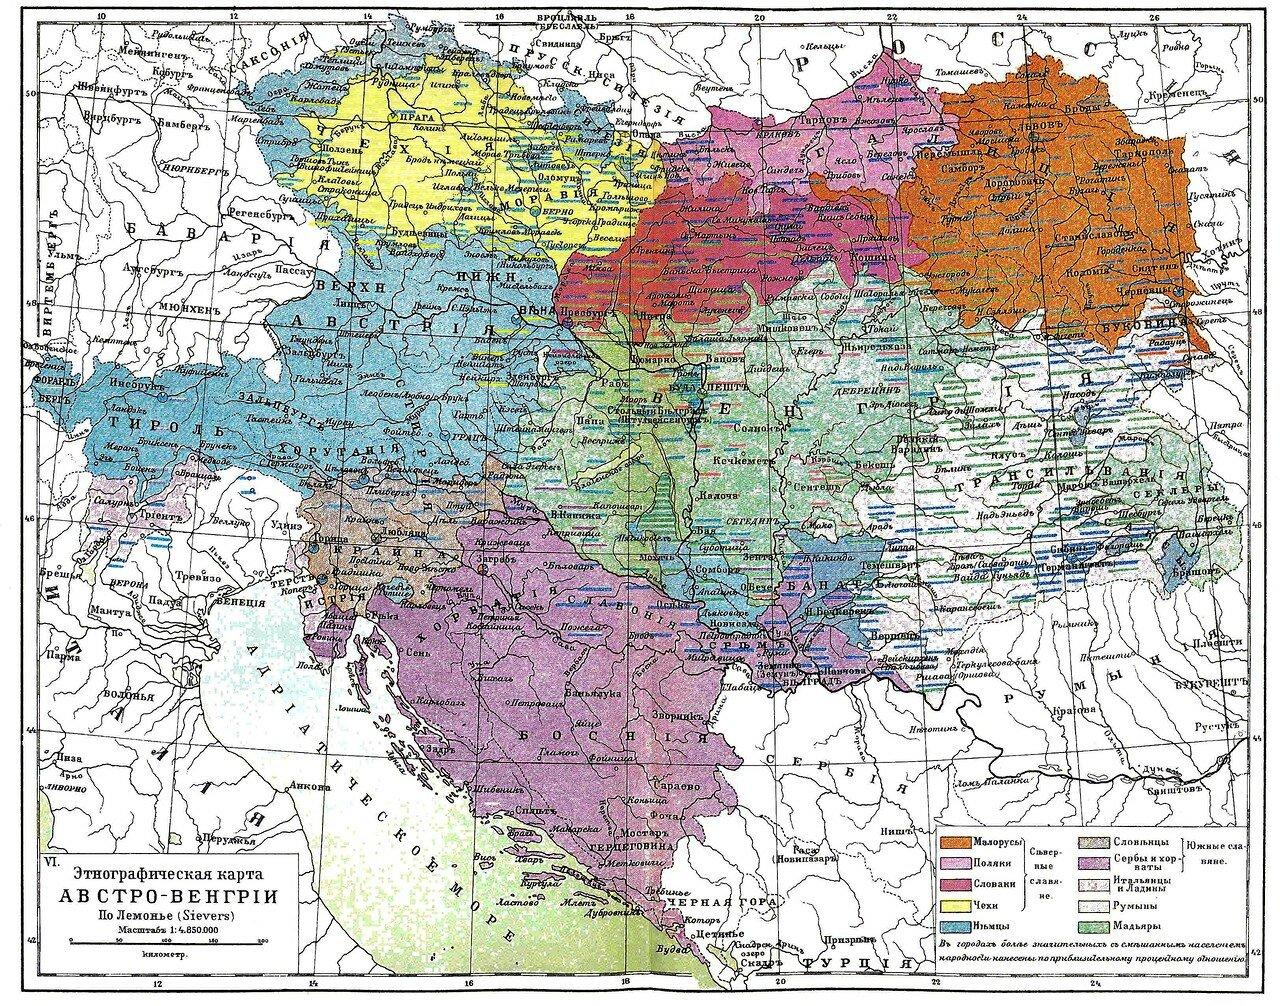 Этнографическая карта Австро-Венгрии